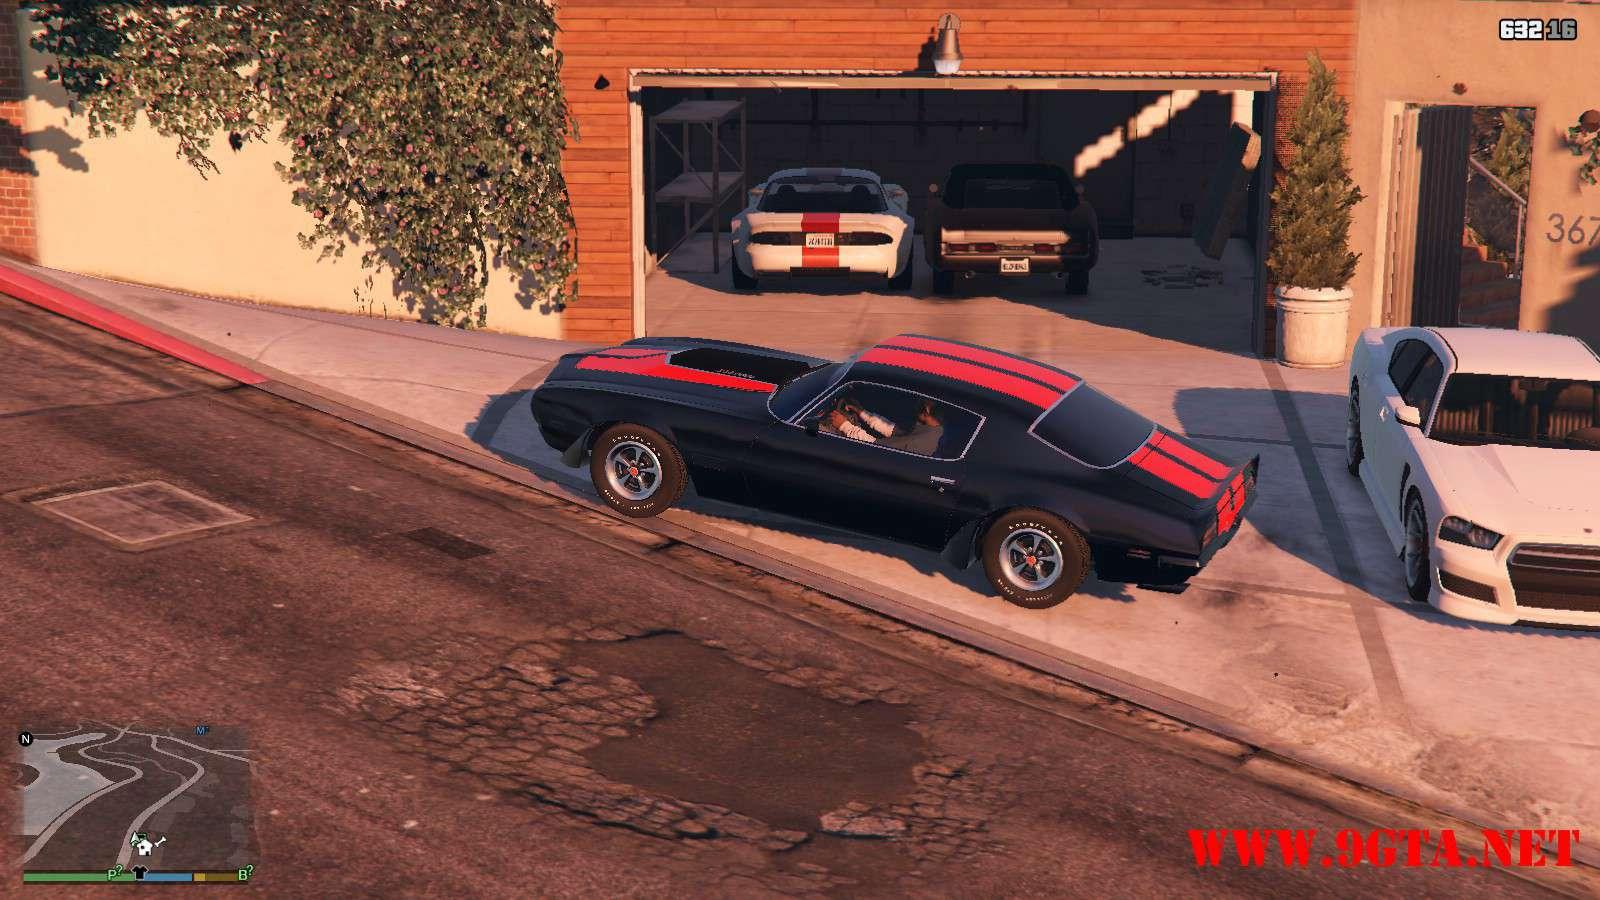 1970 Pontiac Firebird v1.0 GTA5 Mods (13)